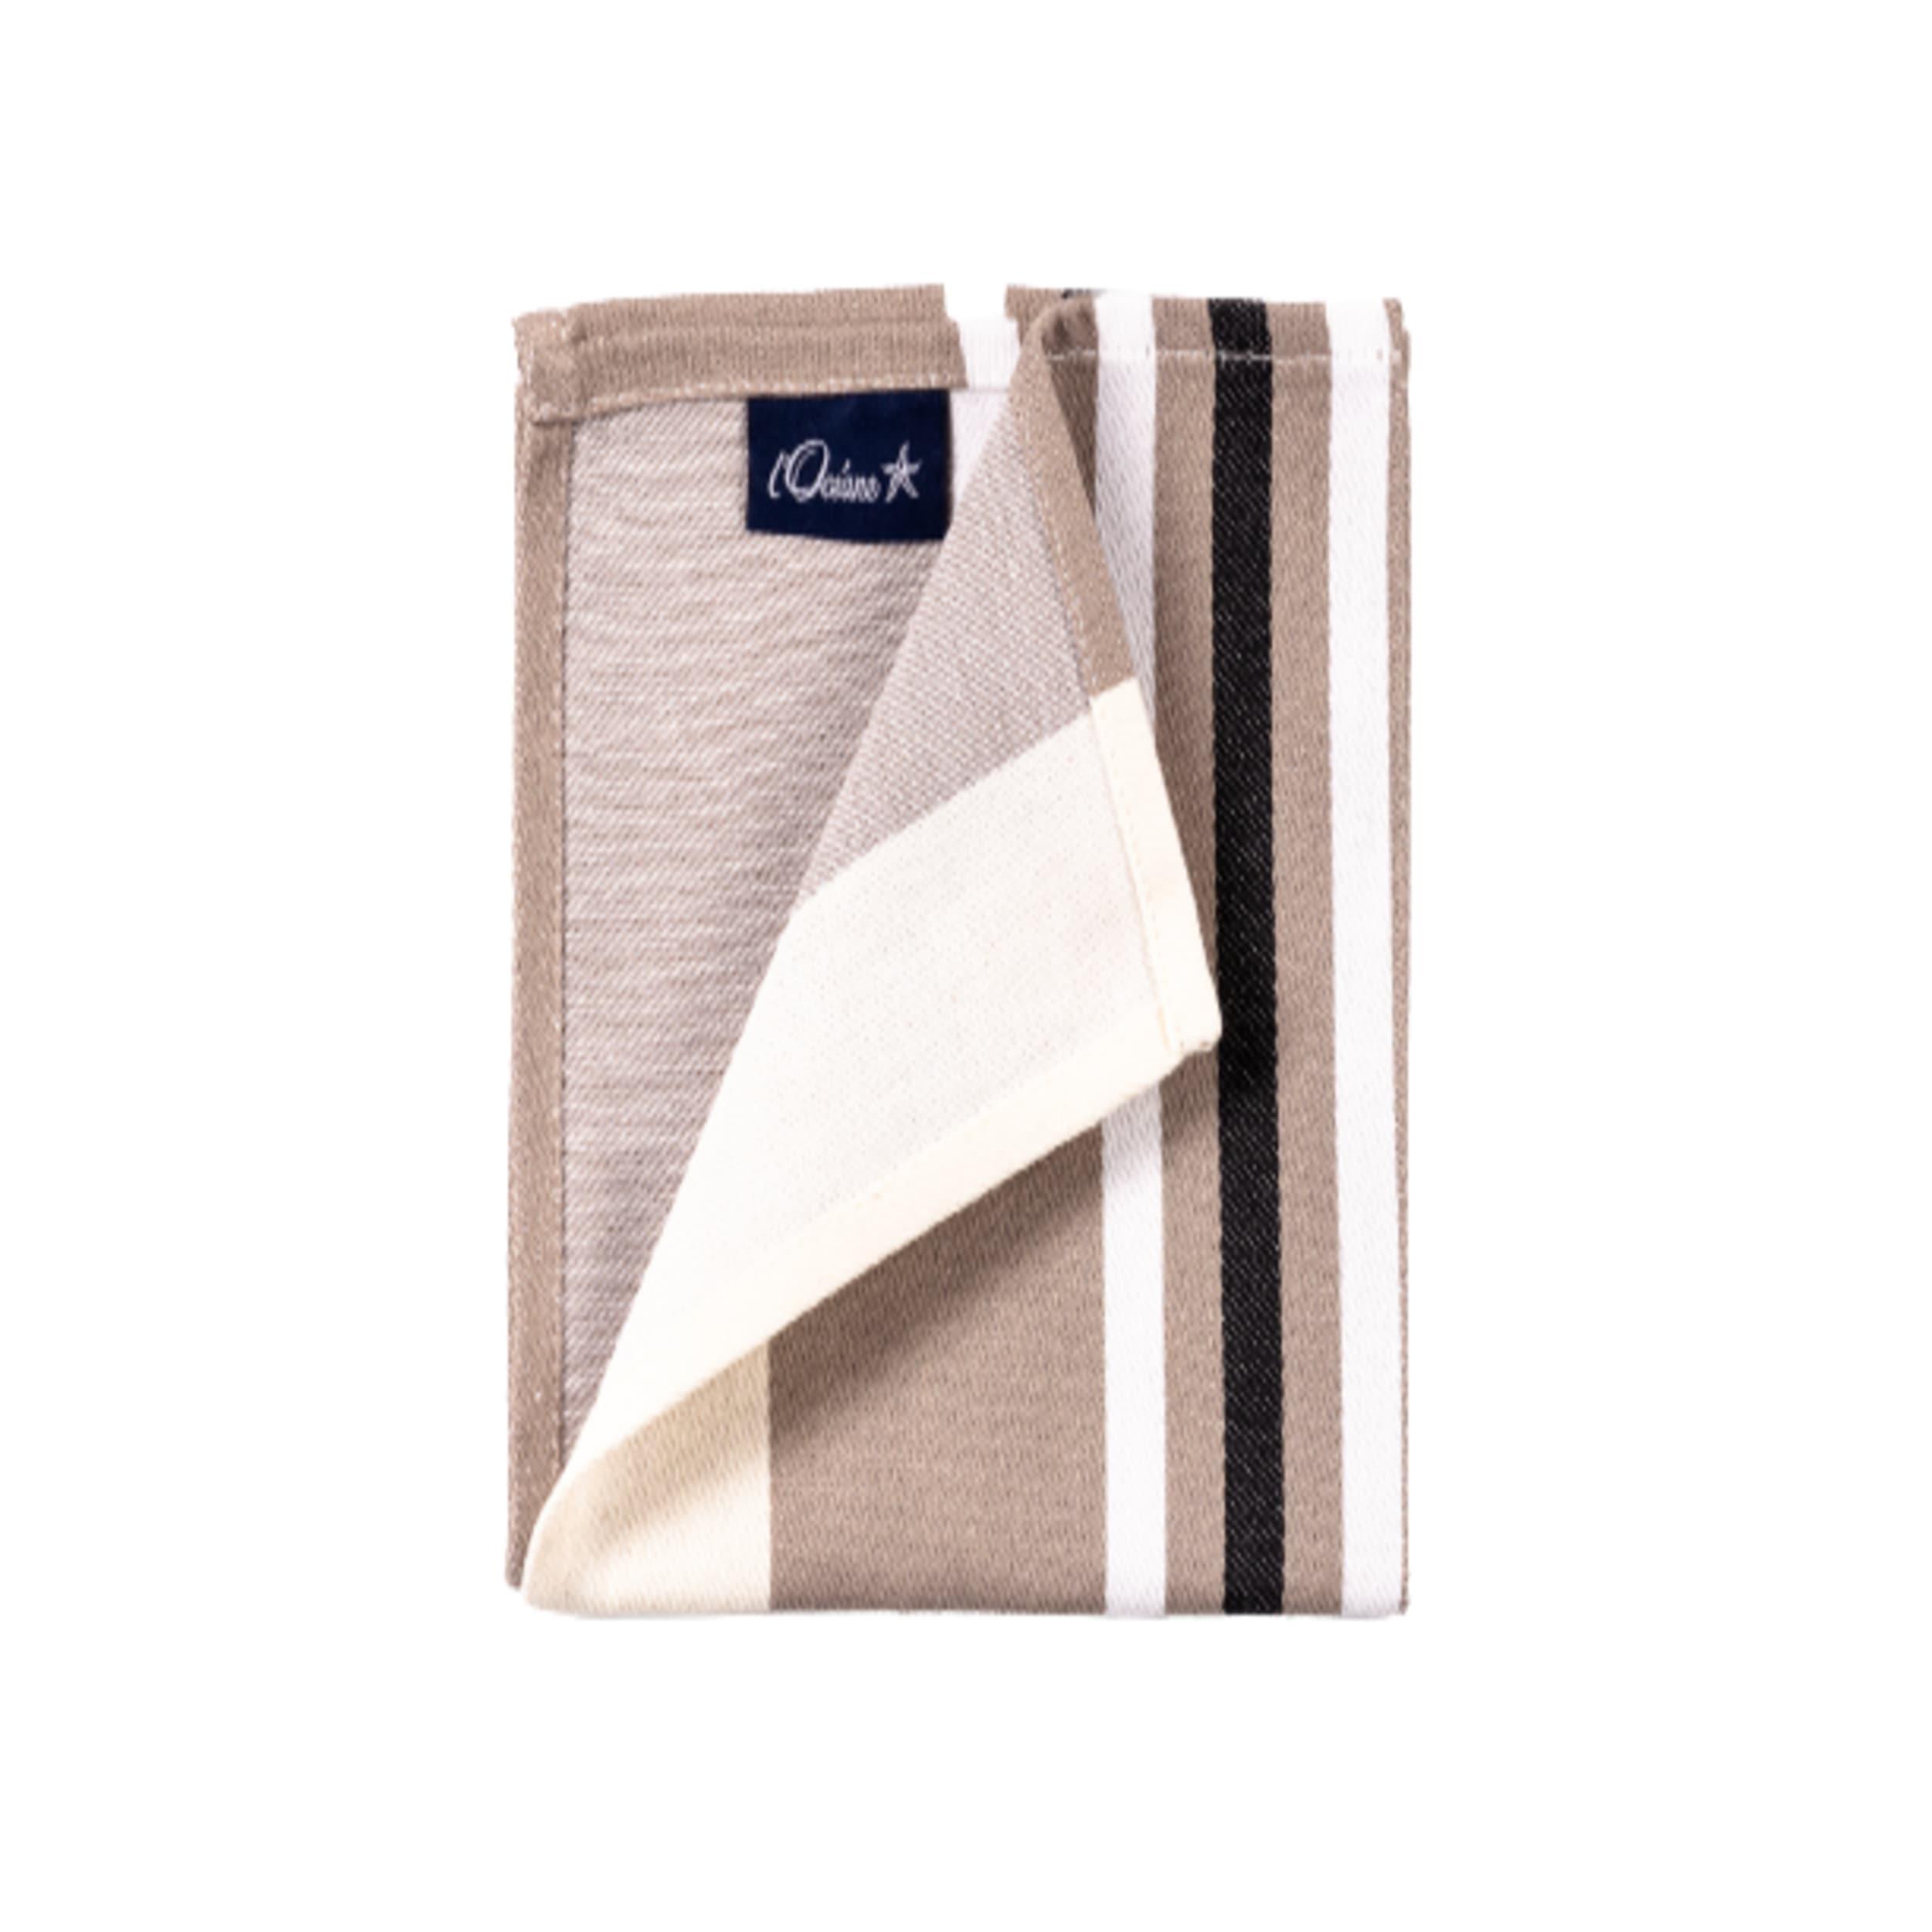 1 lot de 6 serviettes de table 100% coton de satin noir 36 x 36 cm